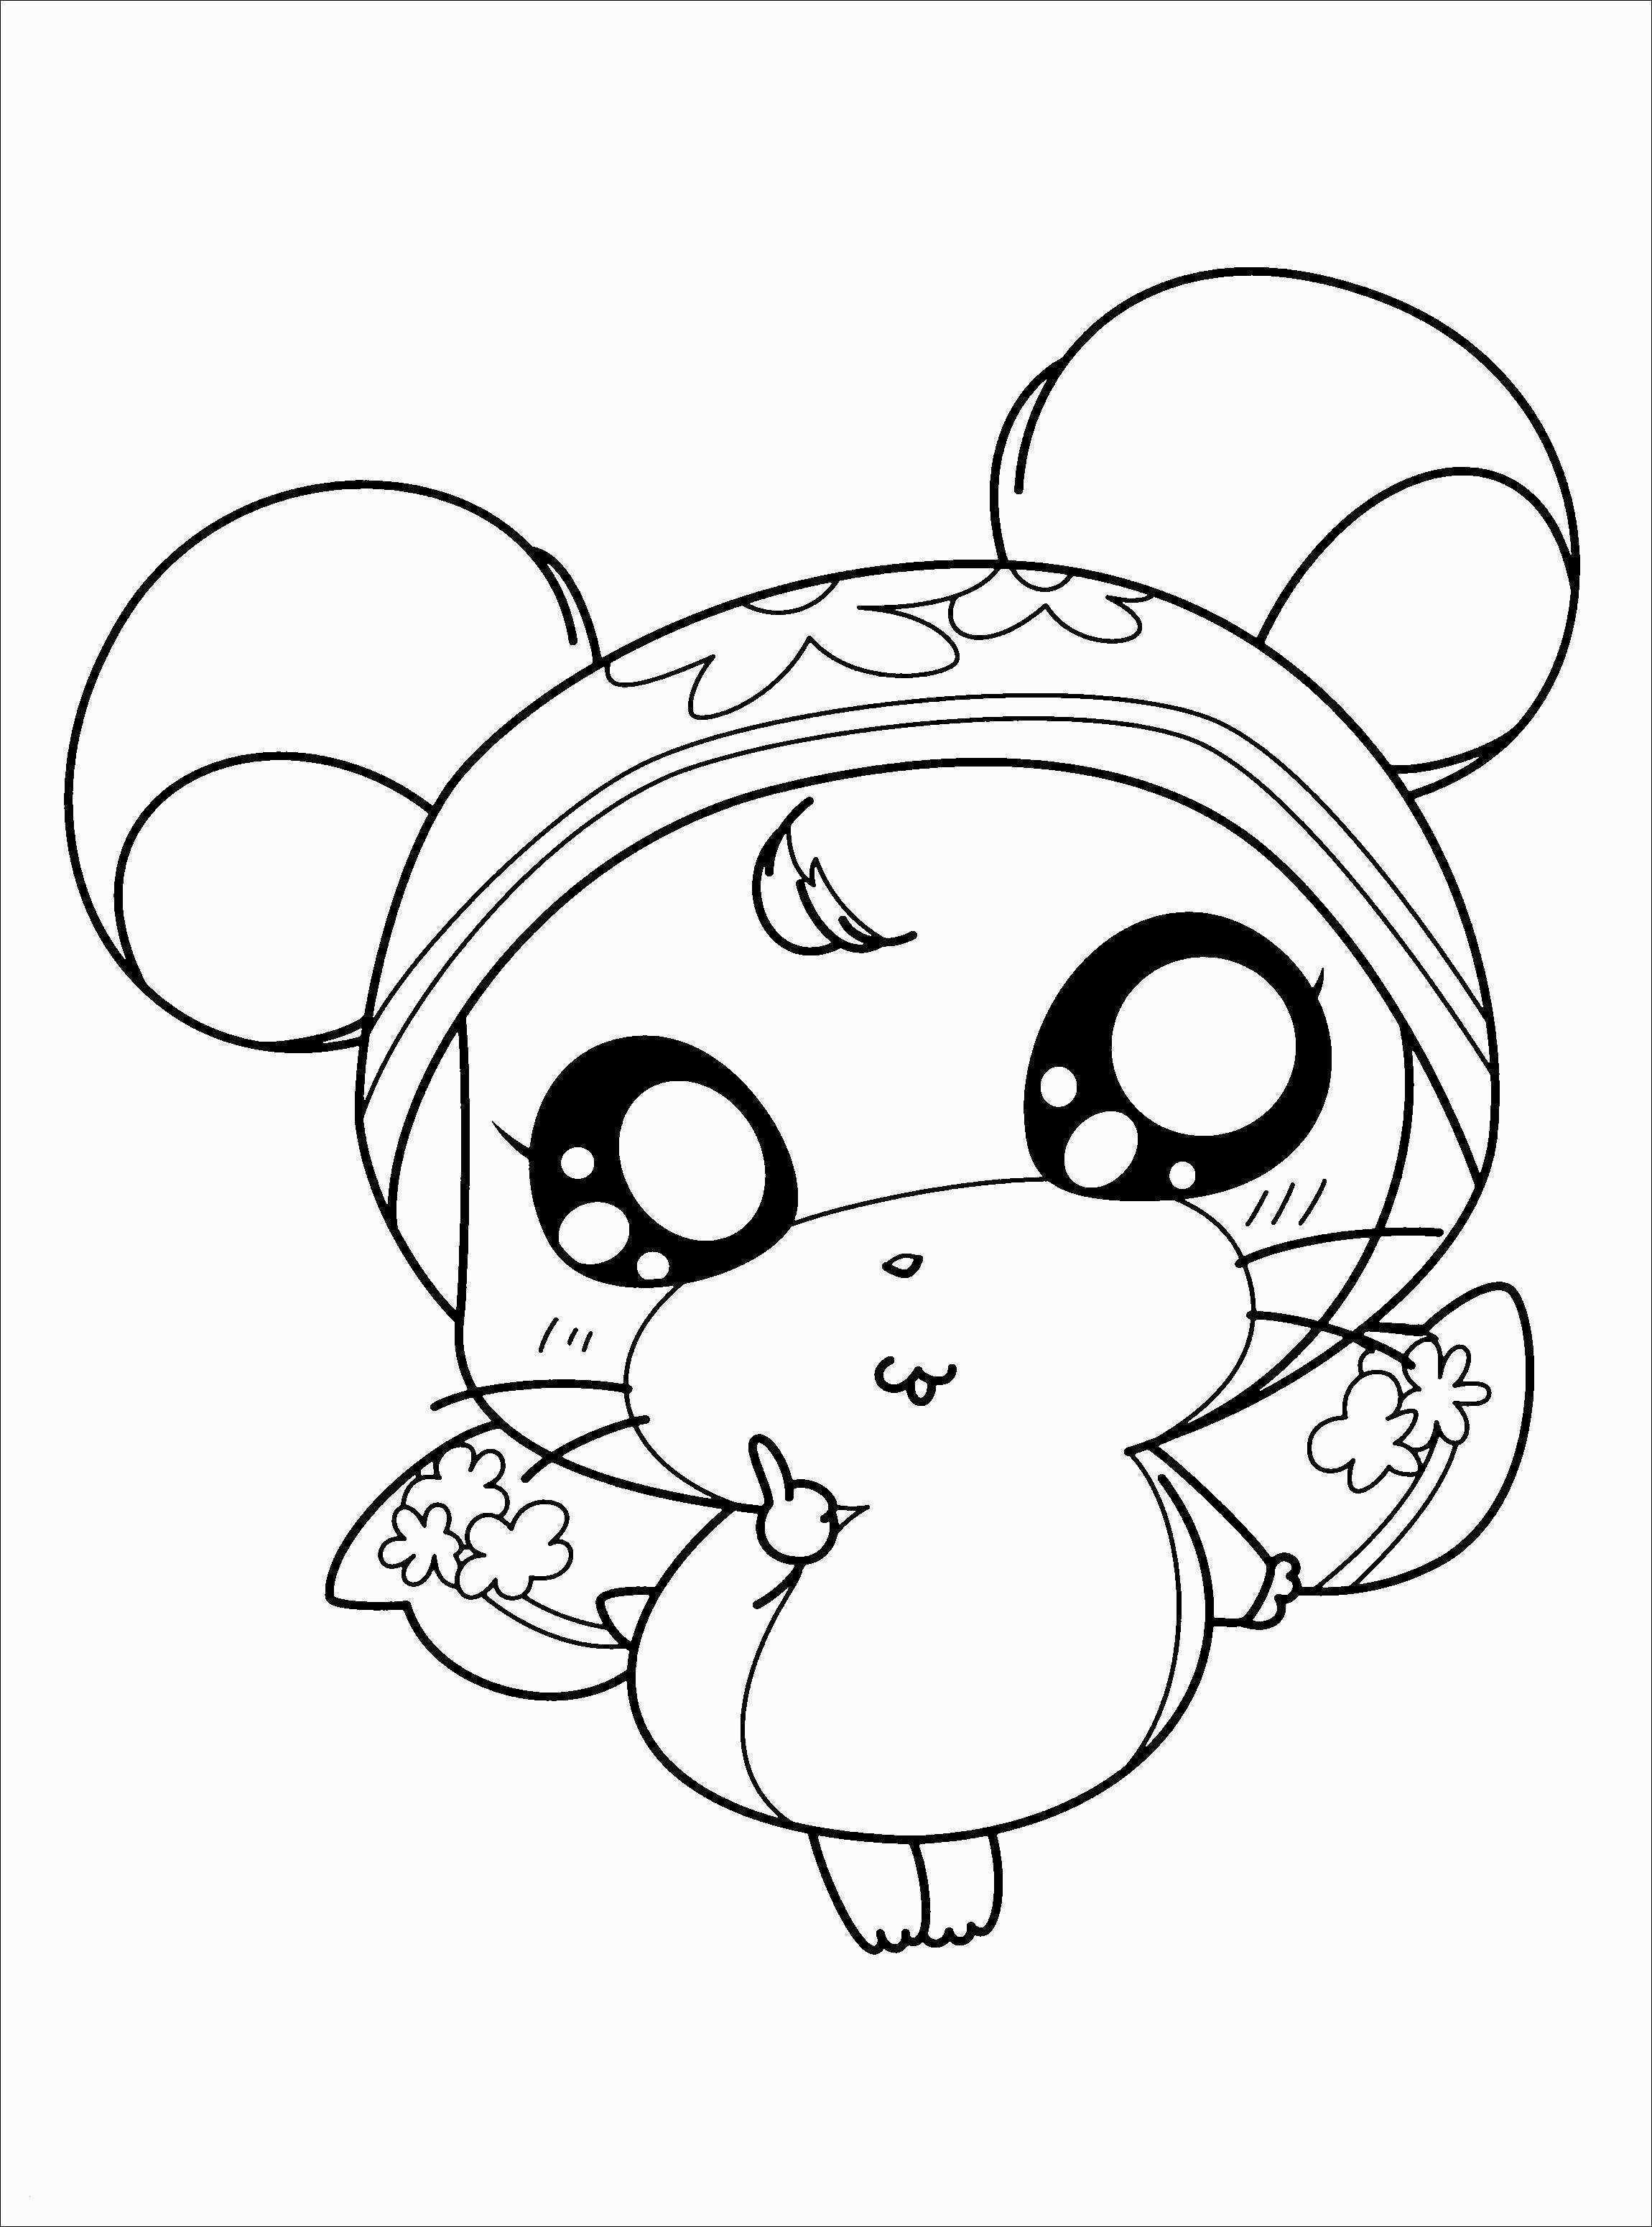 Mini Maus Ausmalbilder Neu Micky Maus Und Minni Maus Malvorlagen 40 Mini Maus Das Bild